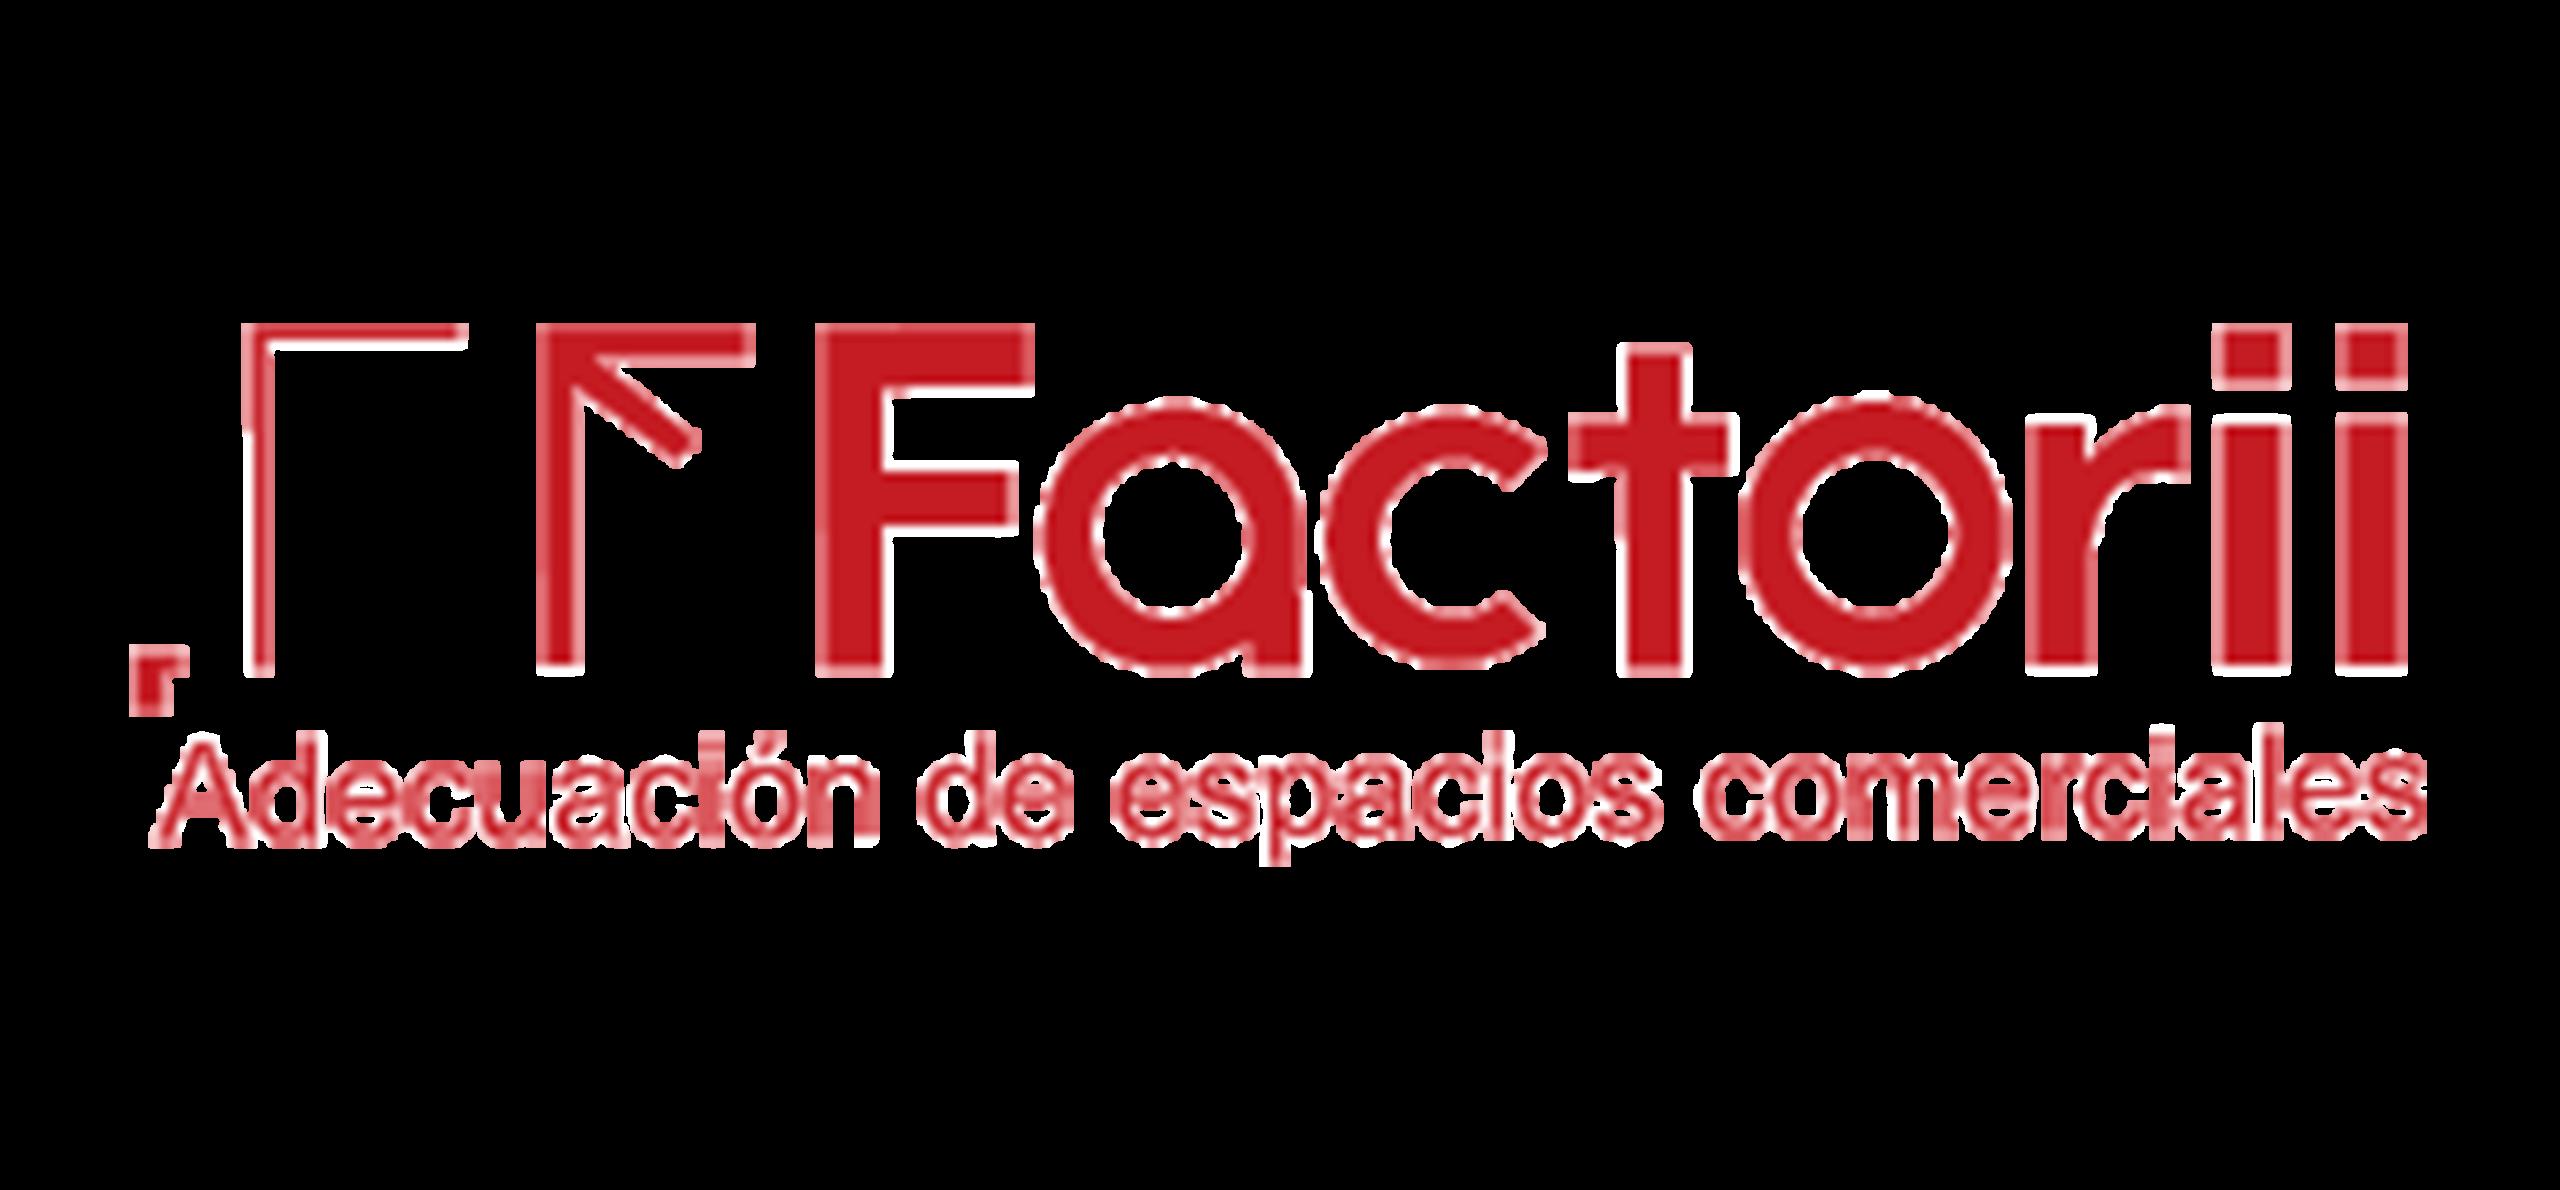 Logo Factorii - Adecuación de espacios comerciales